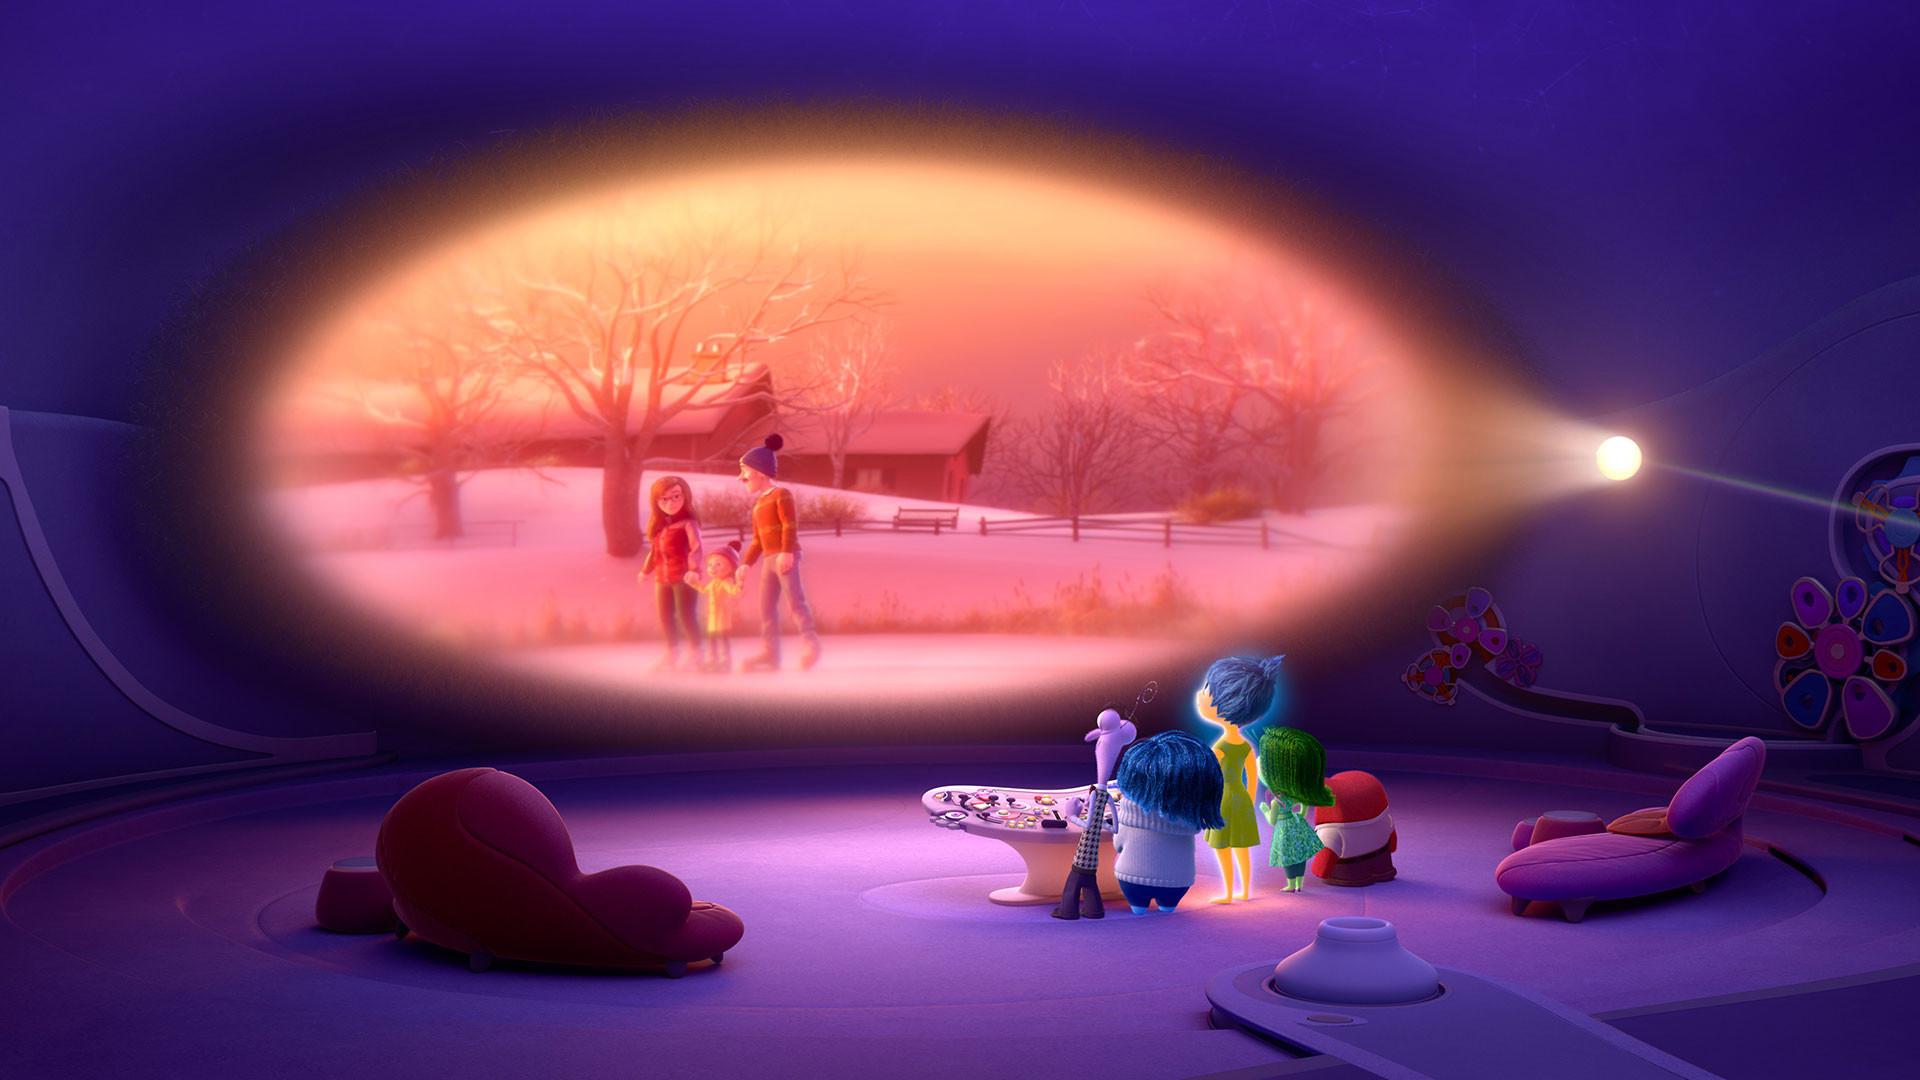 Disney-Movie-Inside-Out-Wallpaper-HD